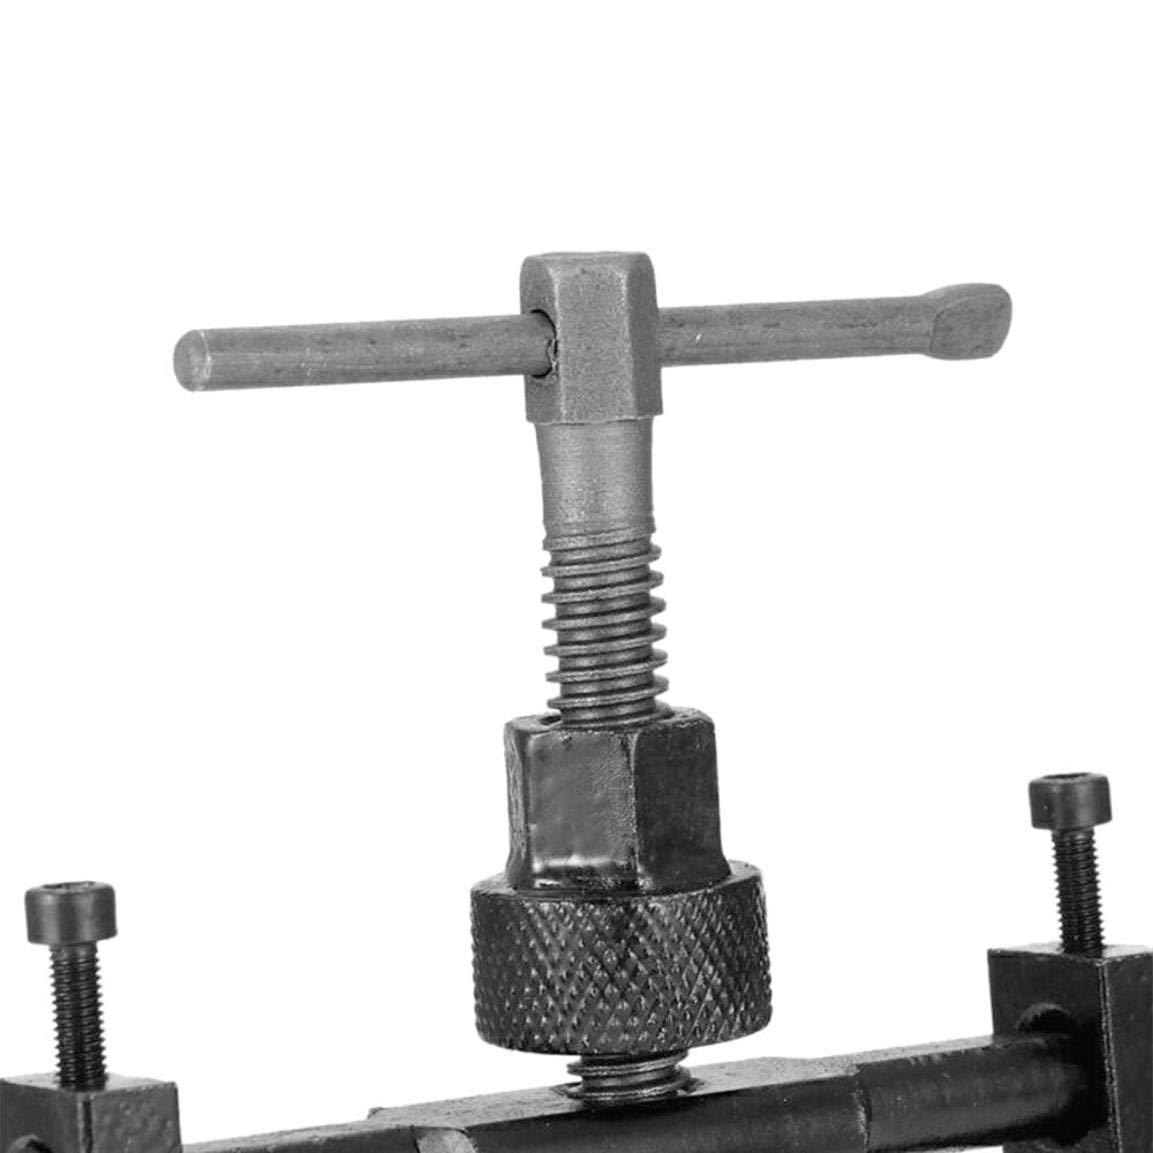 KOKO Zhu Extractor de rodamiento Interno para Coche SUV 3 Extractor de Engranaje de mand/íbula M/áquina Manual automotriz de Servicio Pesado